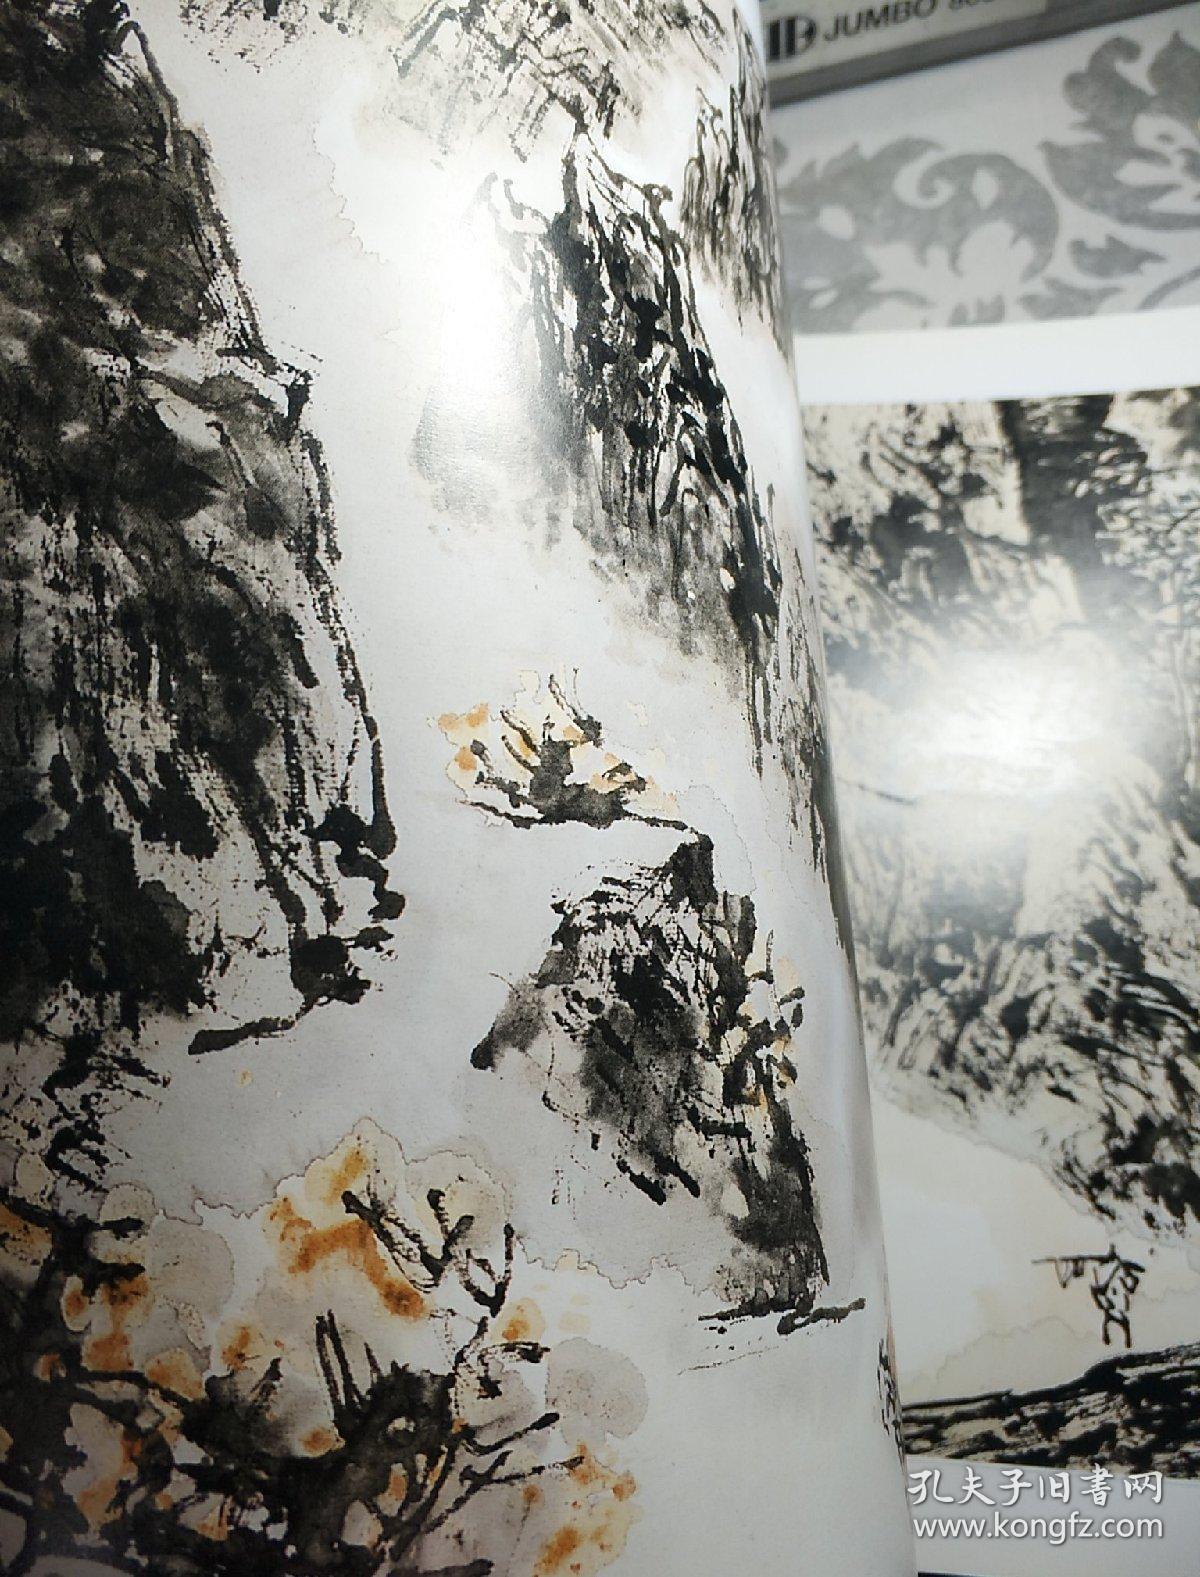 郭公达 黄山风中国画六人展 郭公达作品选 安徽萧县国画家 画册画集图片